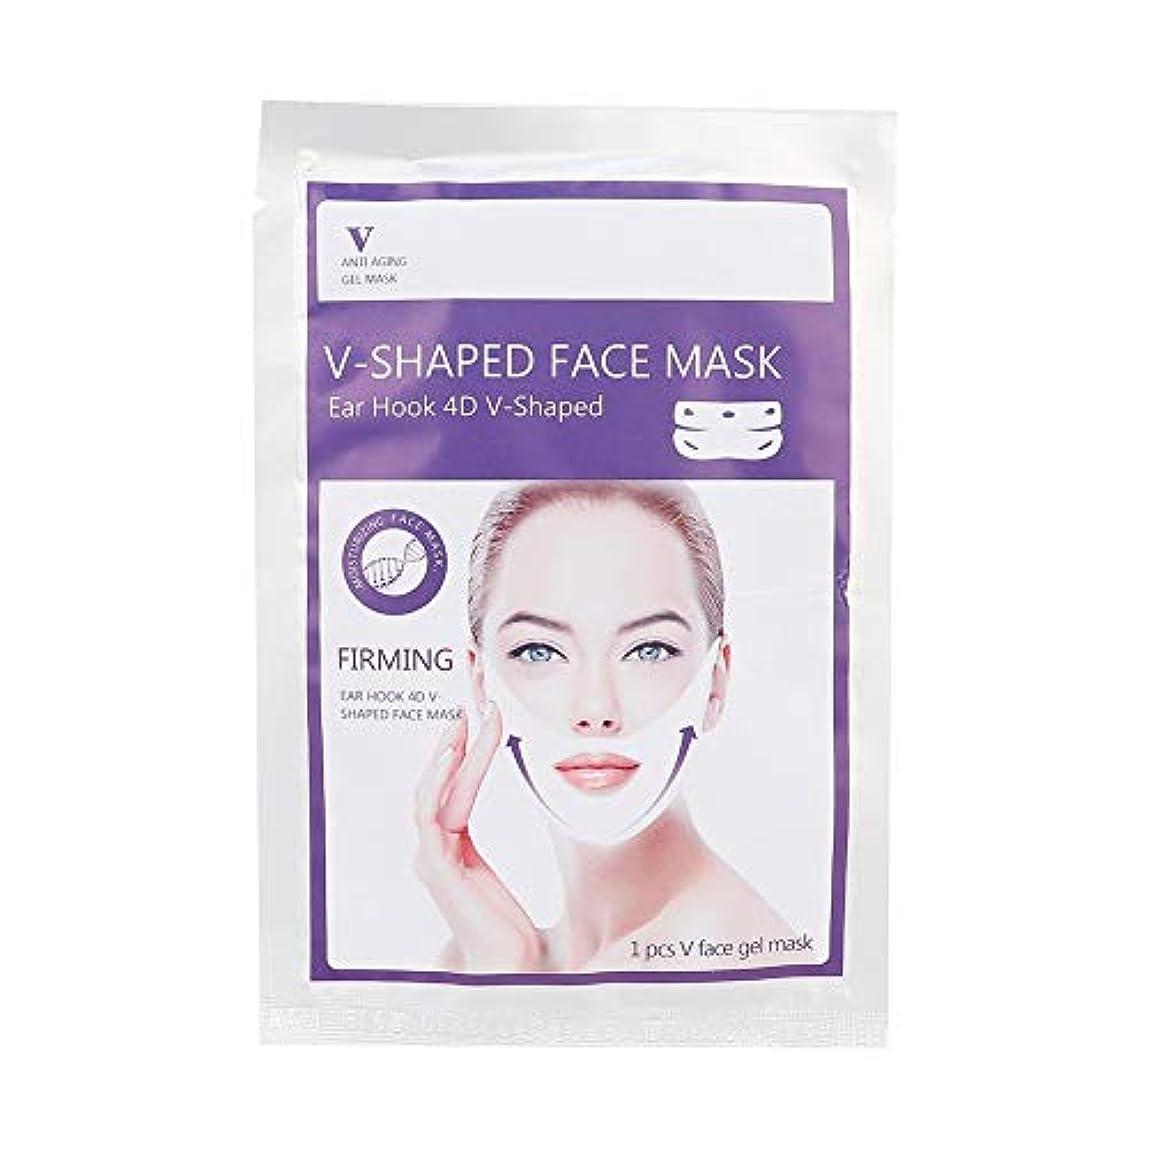 誘惑する実験室採用垂れを解消するために男性と女性のためのリフティングをプロのV字型フェイスマスク、V字型チンマスク+ Vラインネックフェイスリフトマスク+アンチエイジングフェイスをスリム化します。